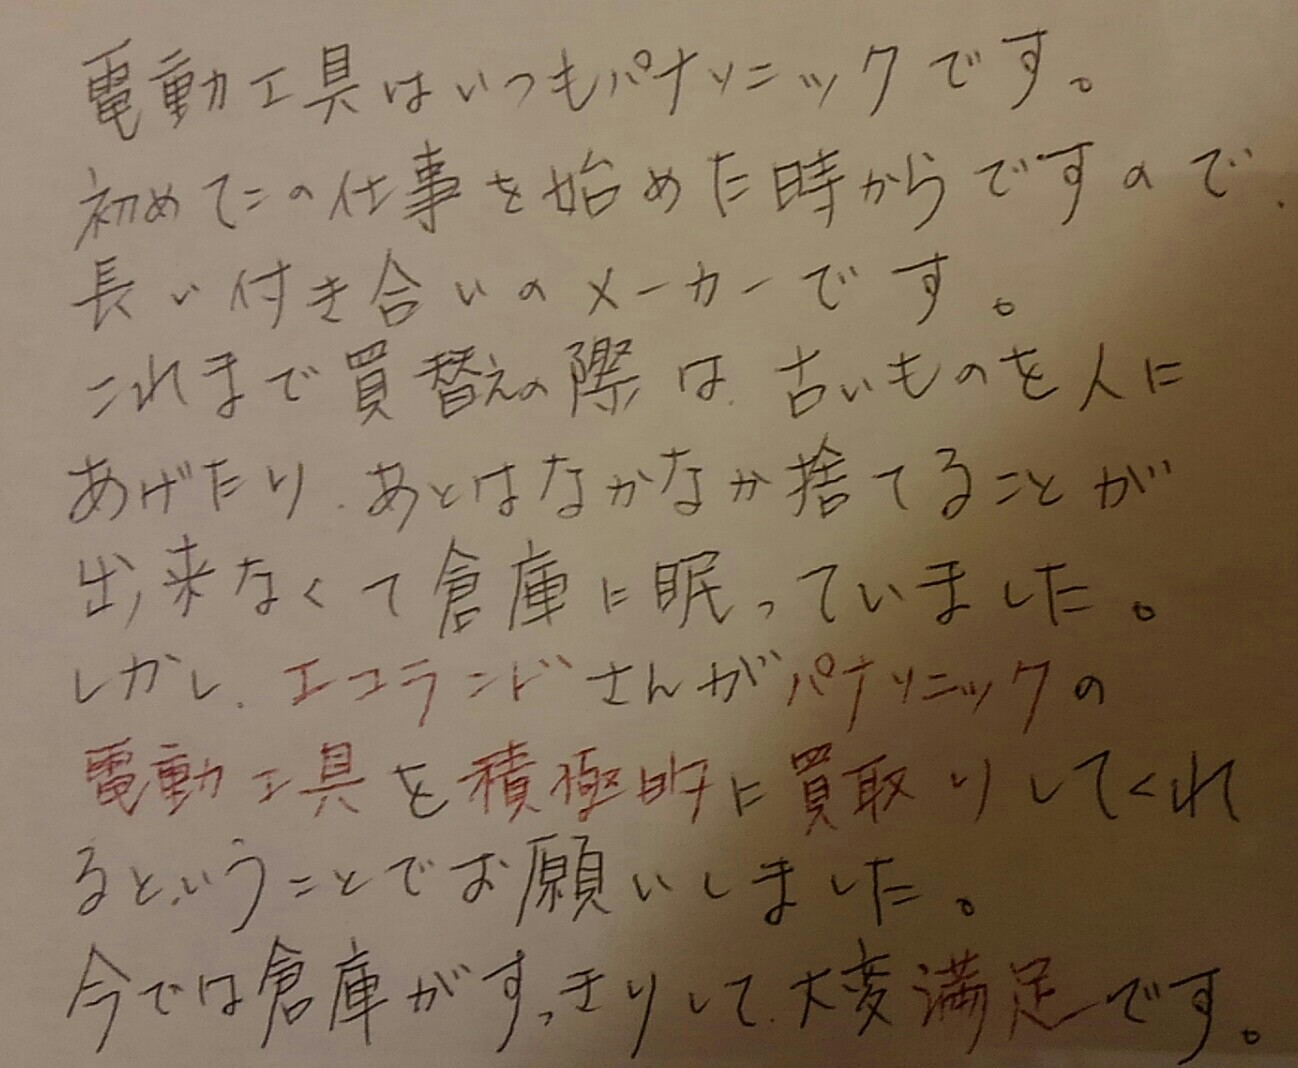 パナソニック(Panasonic) 買取体験談